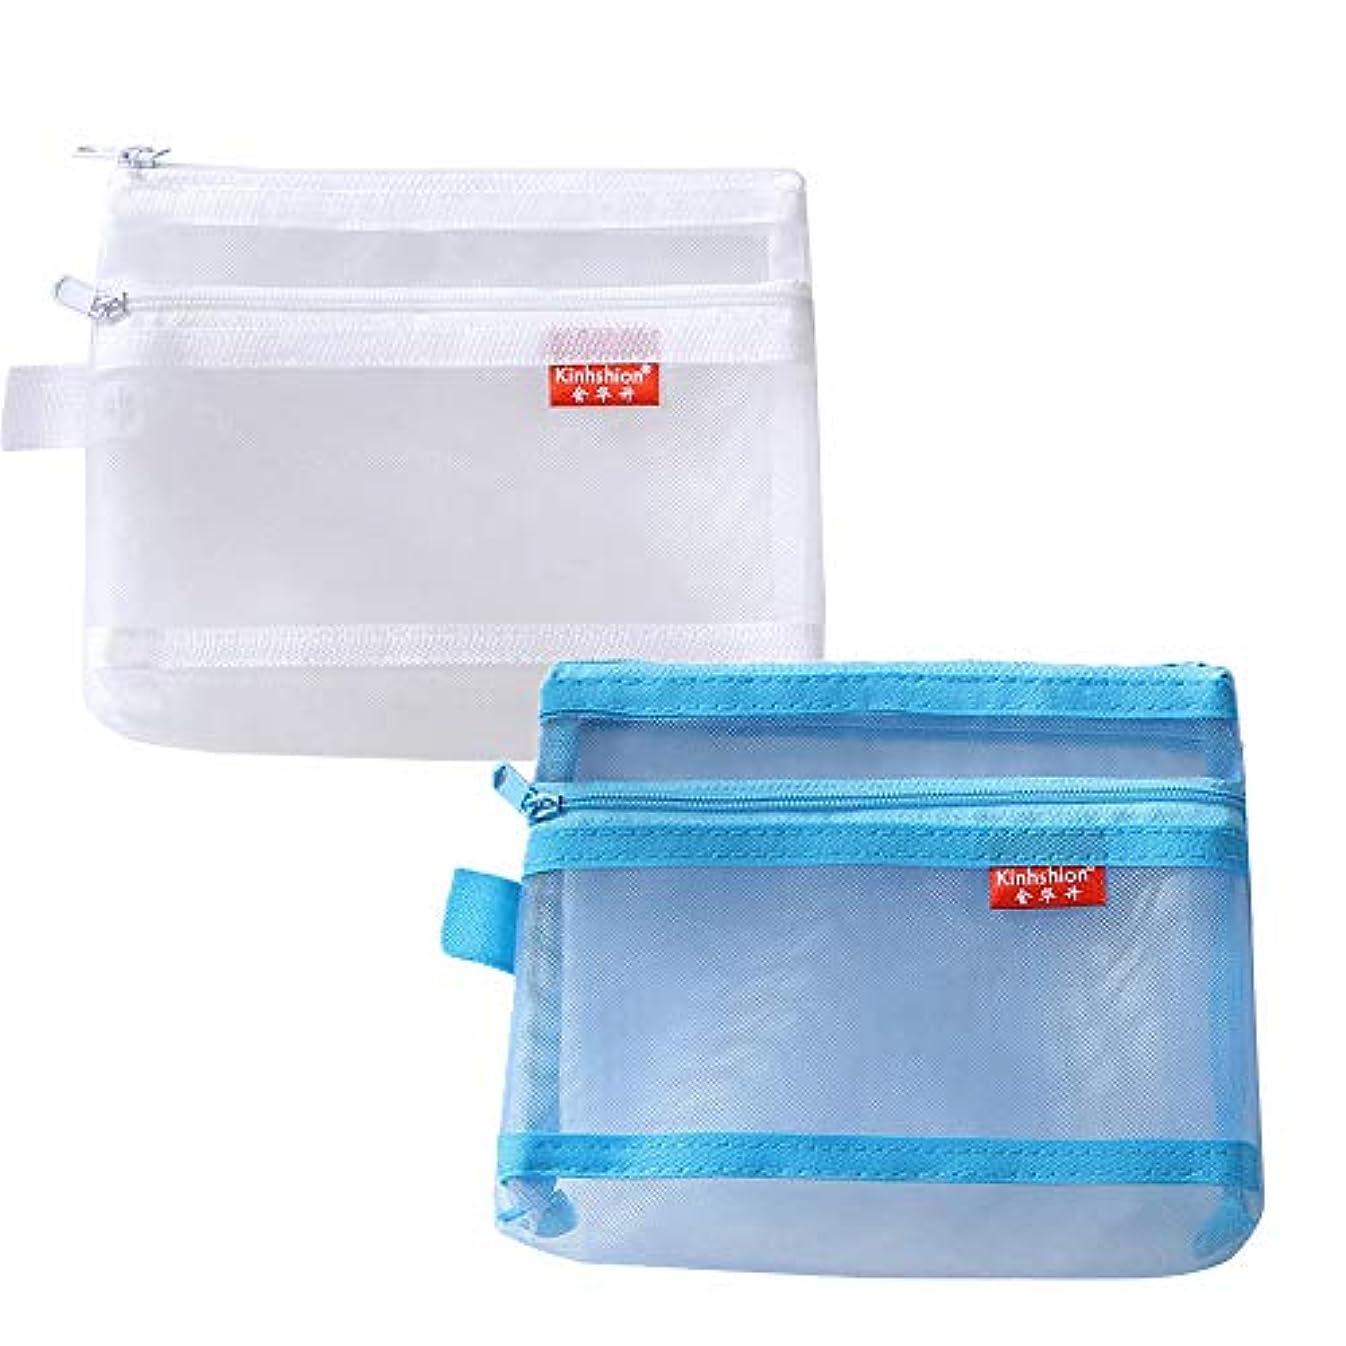 簡略化する流体オートマトンメッシュジッパーポーチ二重層ジッパーバッグクリアポーチ小さなオーガナイザーバッグジッパーフォルダーバッグ化粧品バッグ旅行収納バッグ